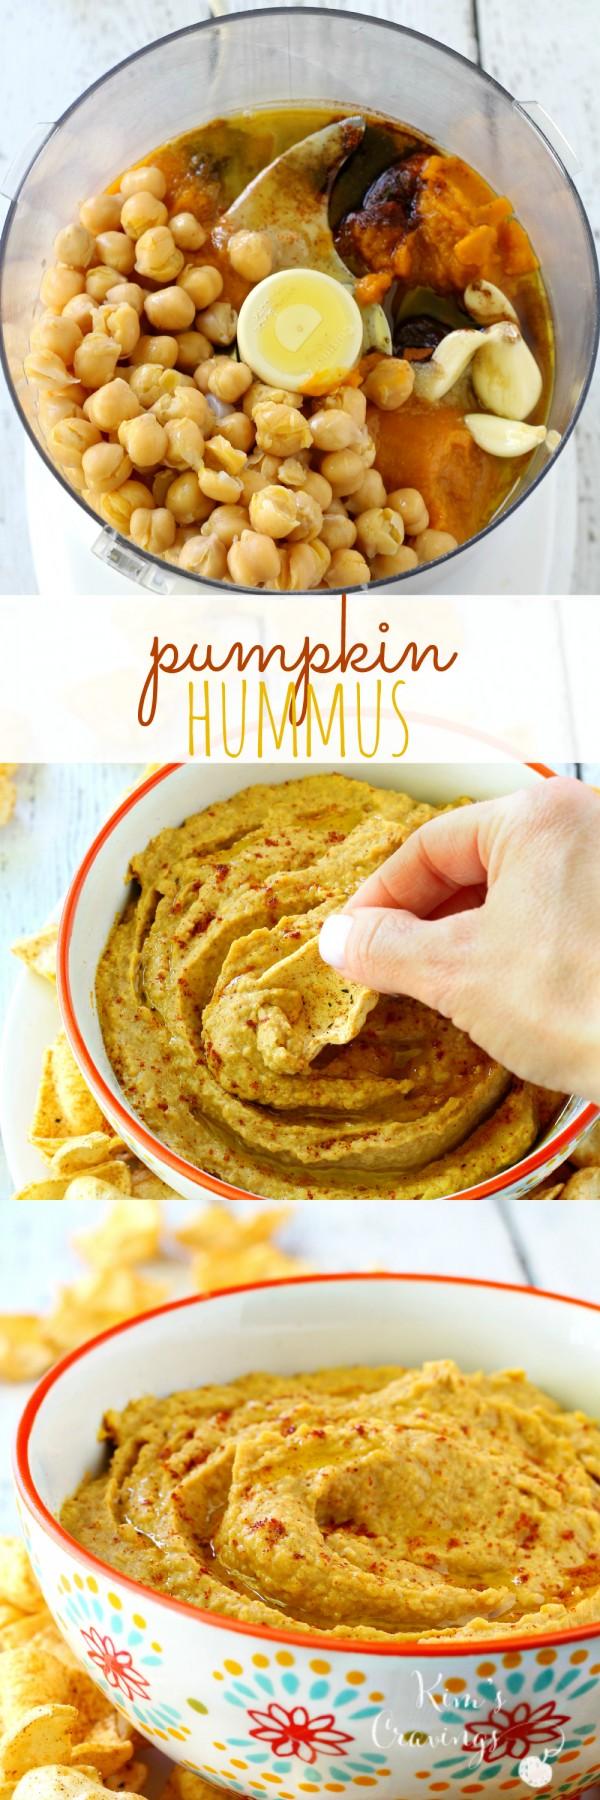 Get the recipe Pumpkin Hummus @recipes_to_go